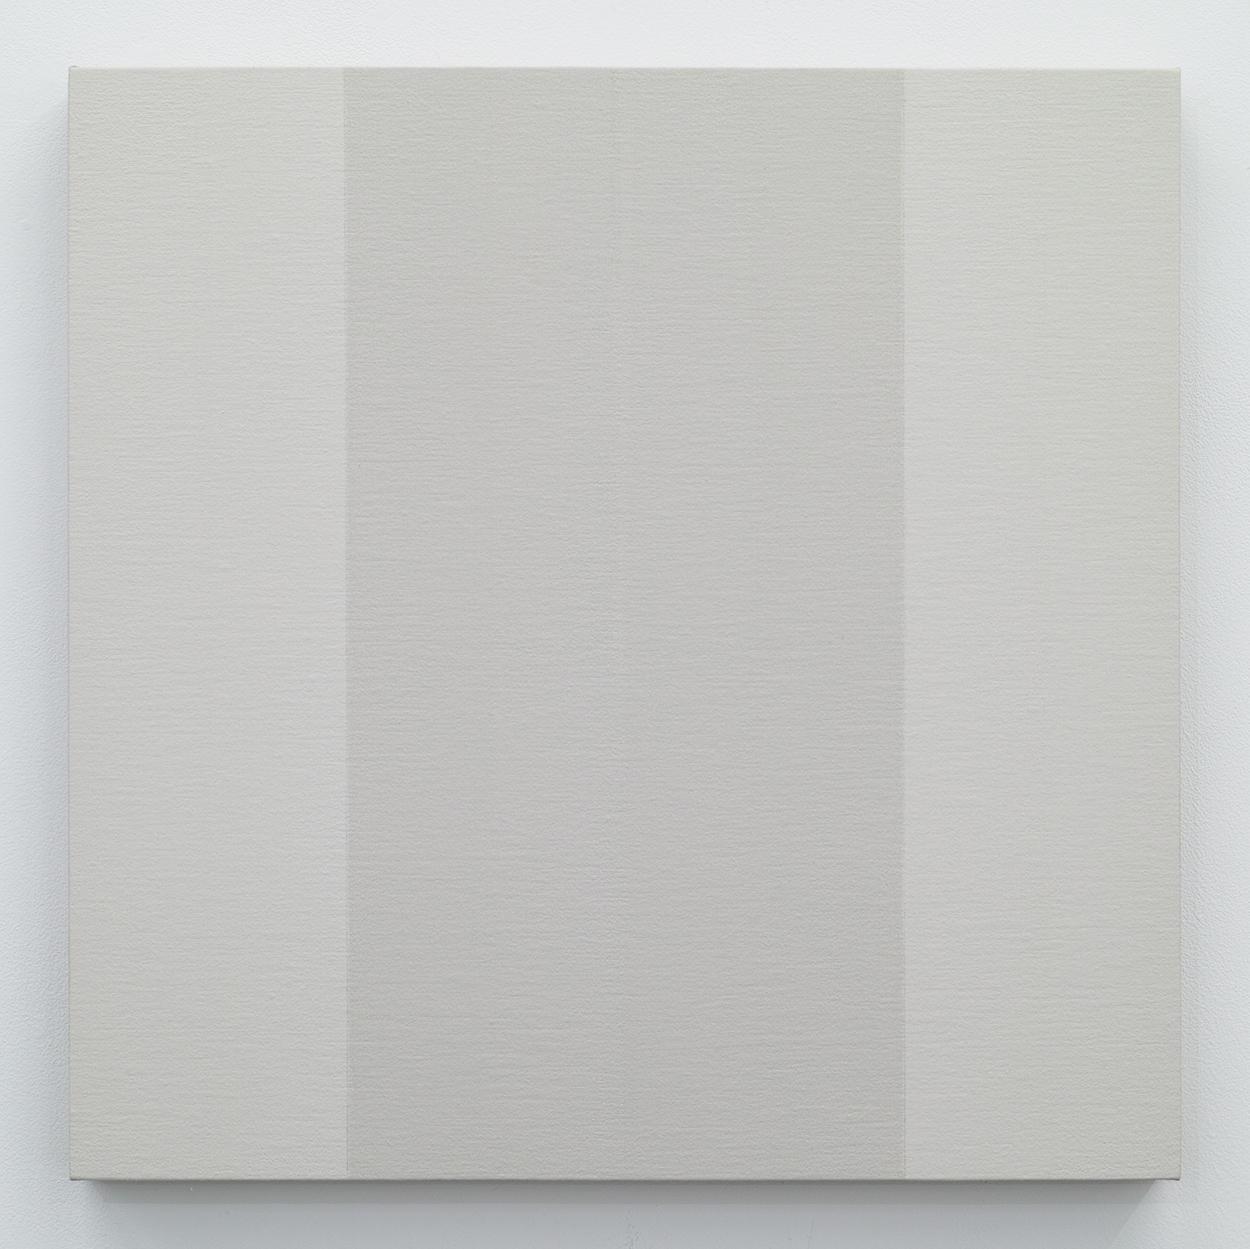 鈴木たかし|TAKSHI SUZUKI<br>TS0902|Gesso on panel|45 x 45 cm|2009